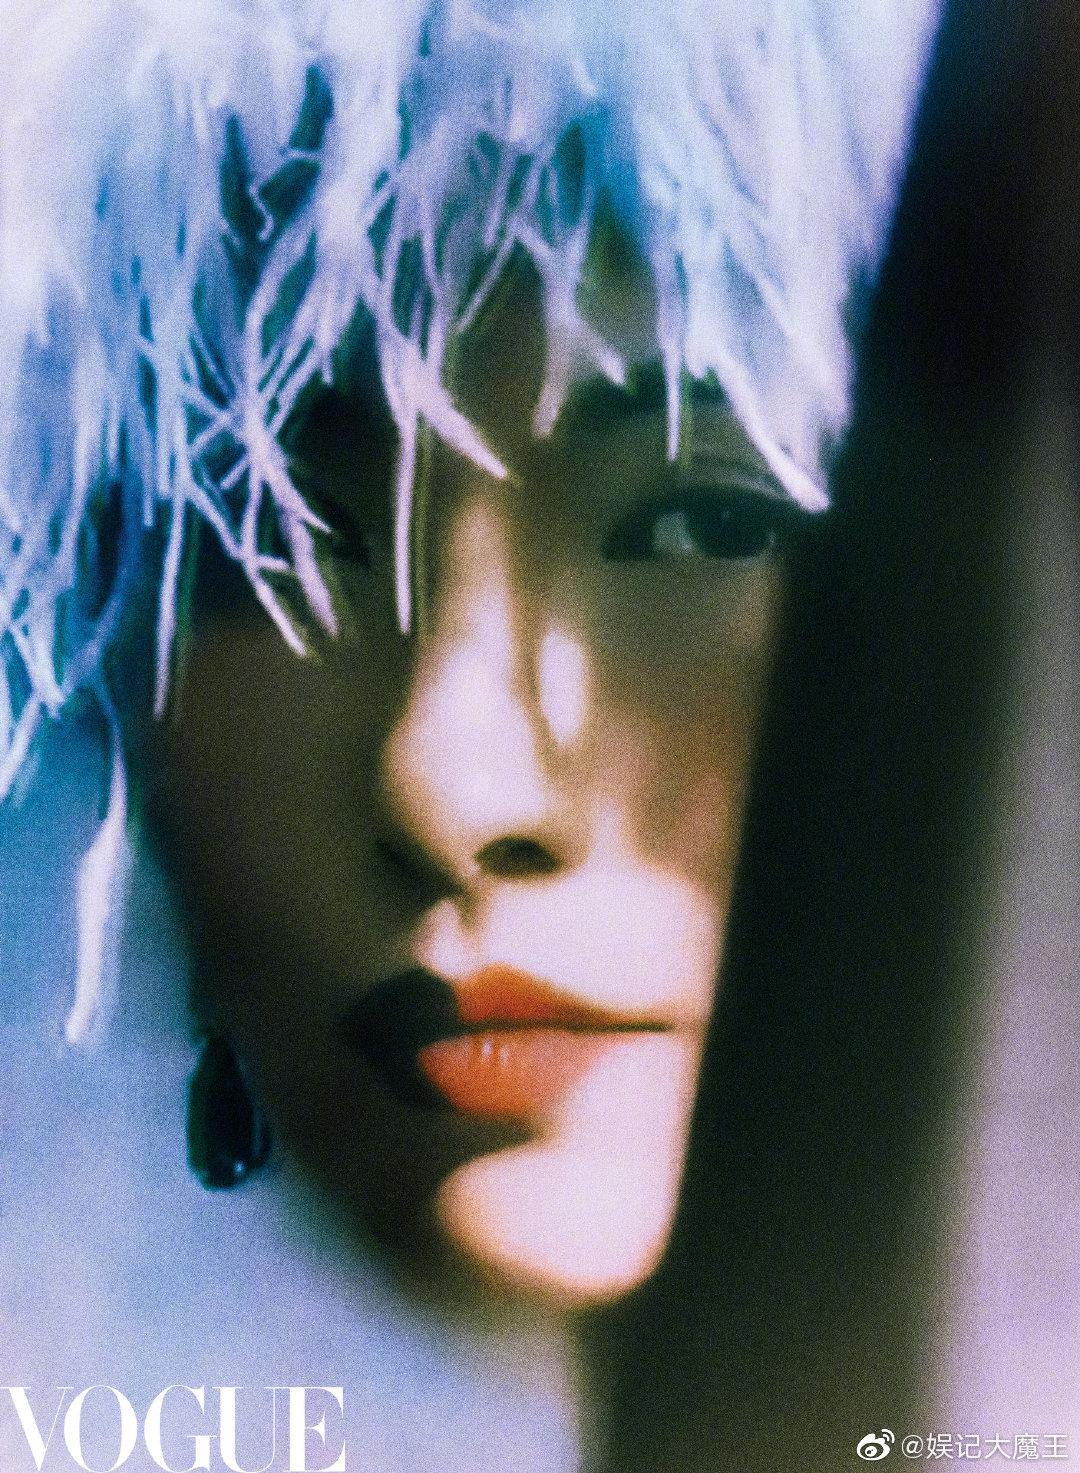 章子怡✖️《Vogue服饰与美容》9月刊封面,雍容华贵